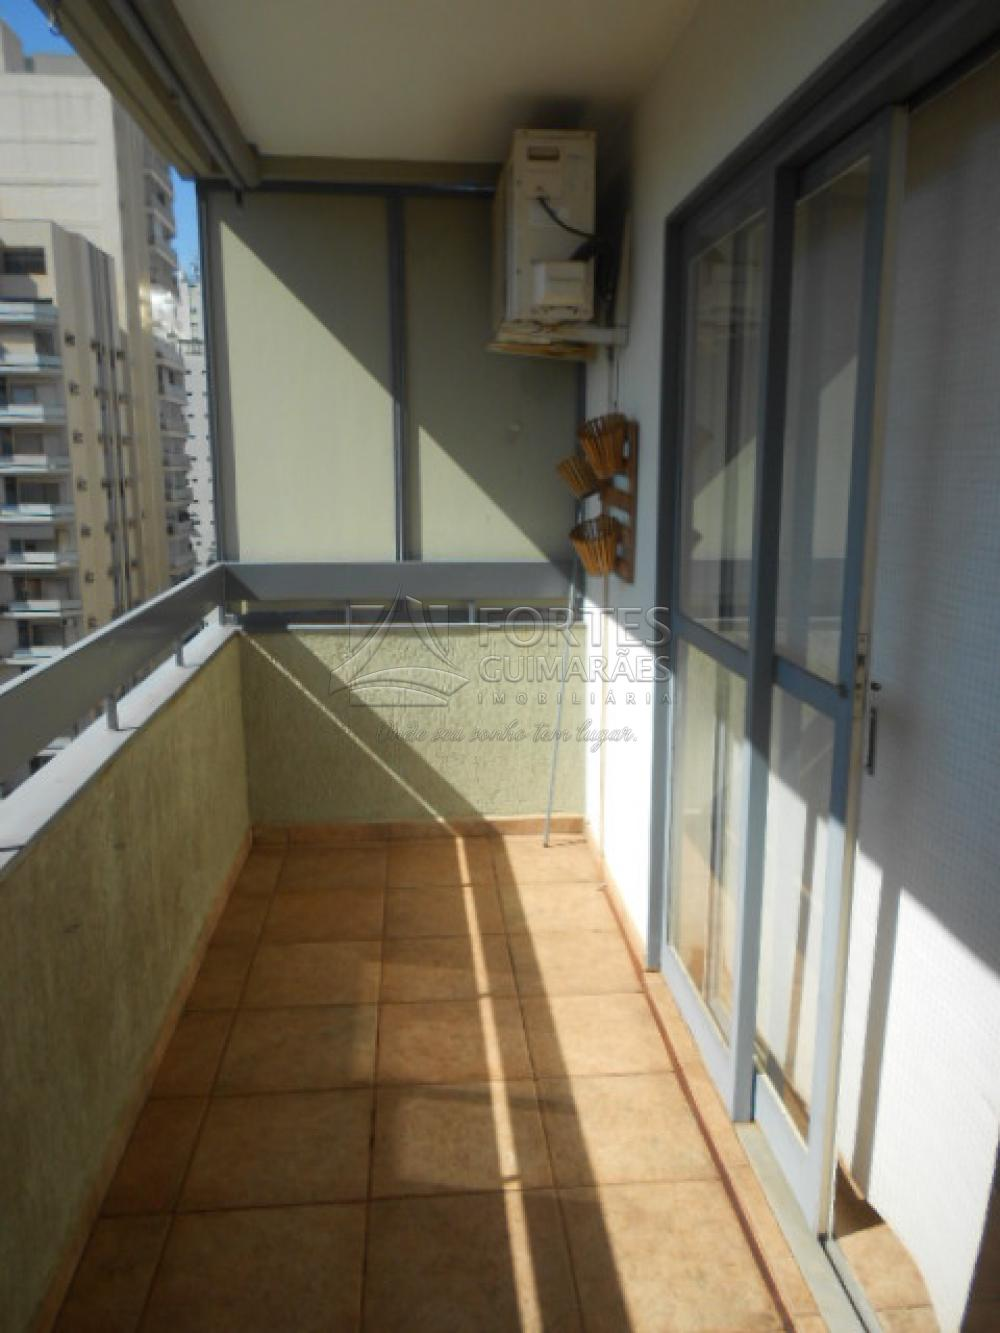 Alugar Apartamentos / Padrão em Ribeirão Preto apenas R$ 850,00 - Foto 10